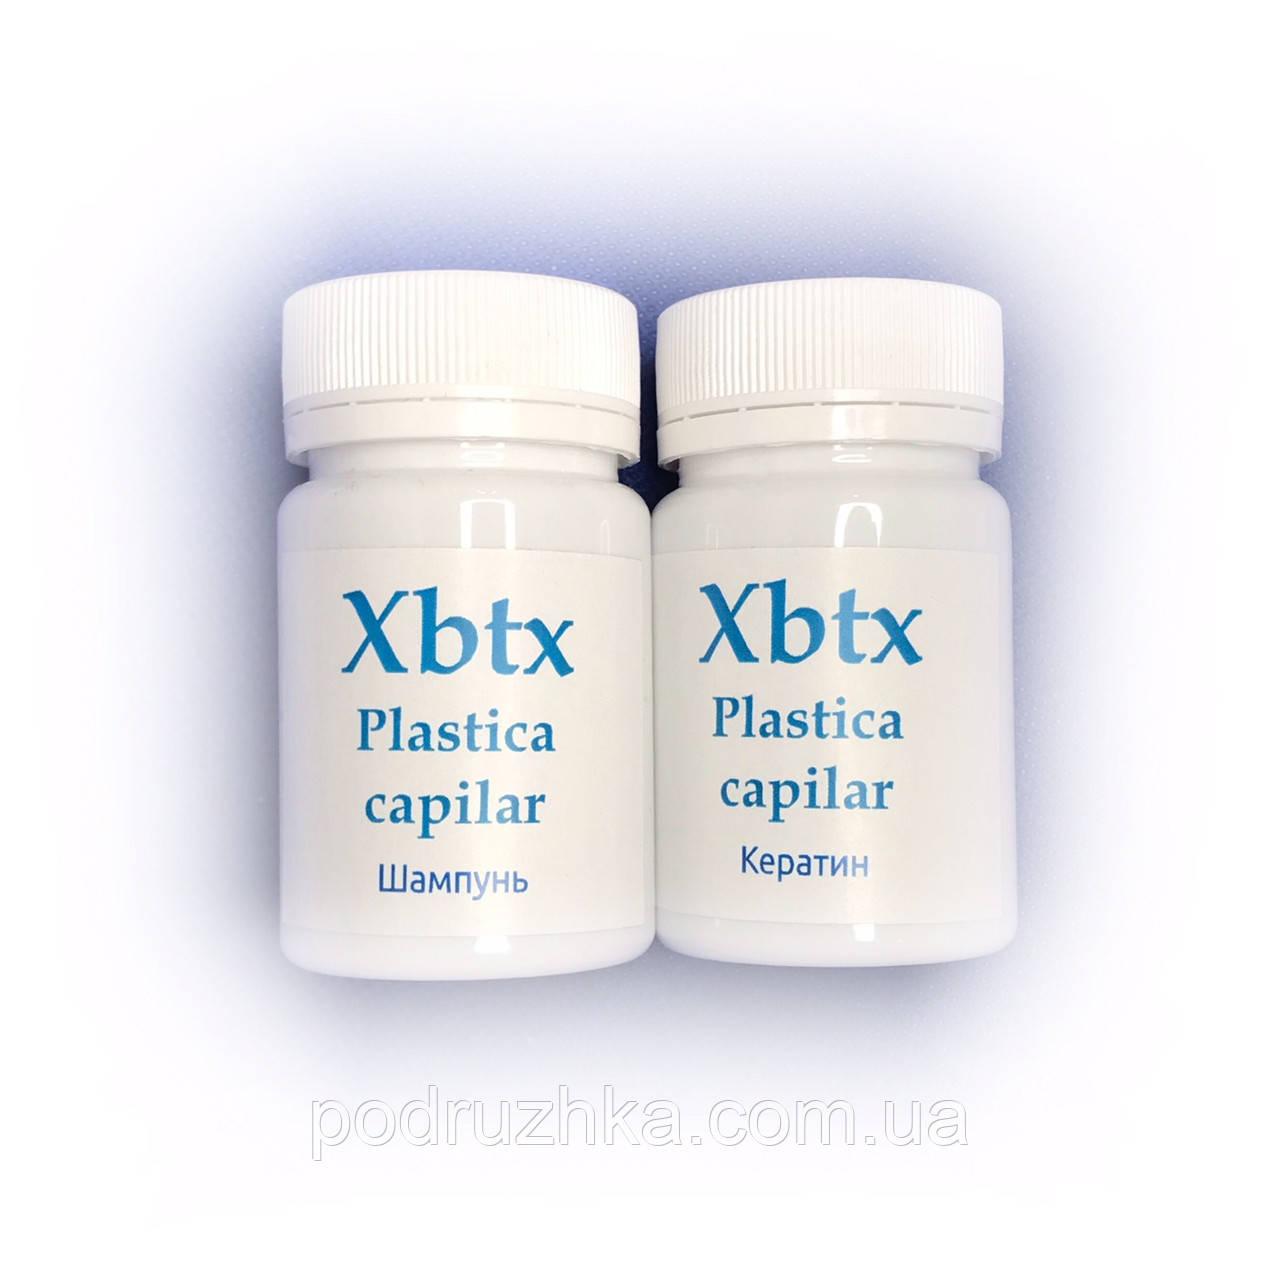 Набор для кератинового выпрямления волос XBTX Plastica capilar 2x100 г